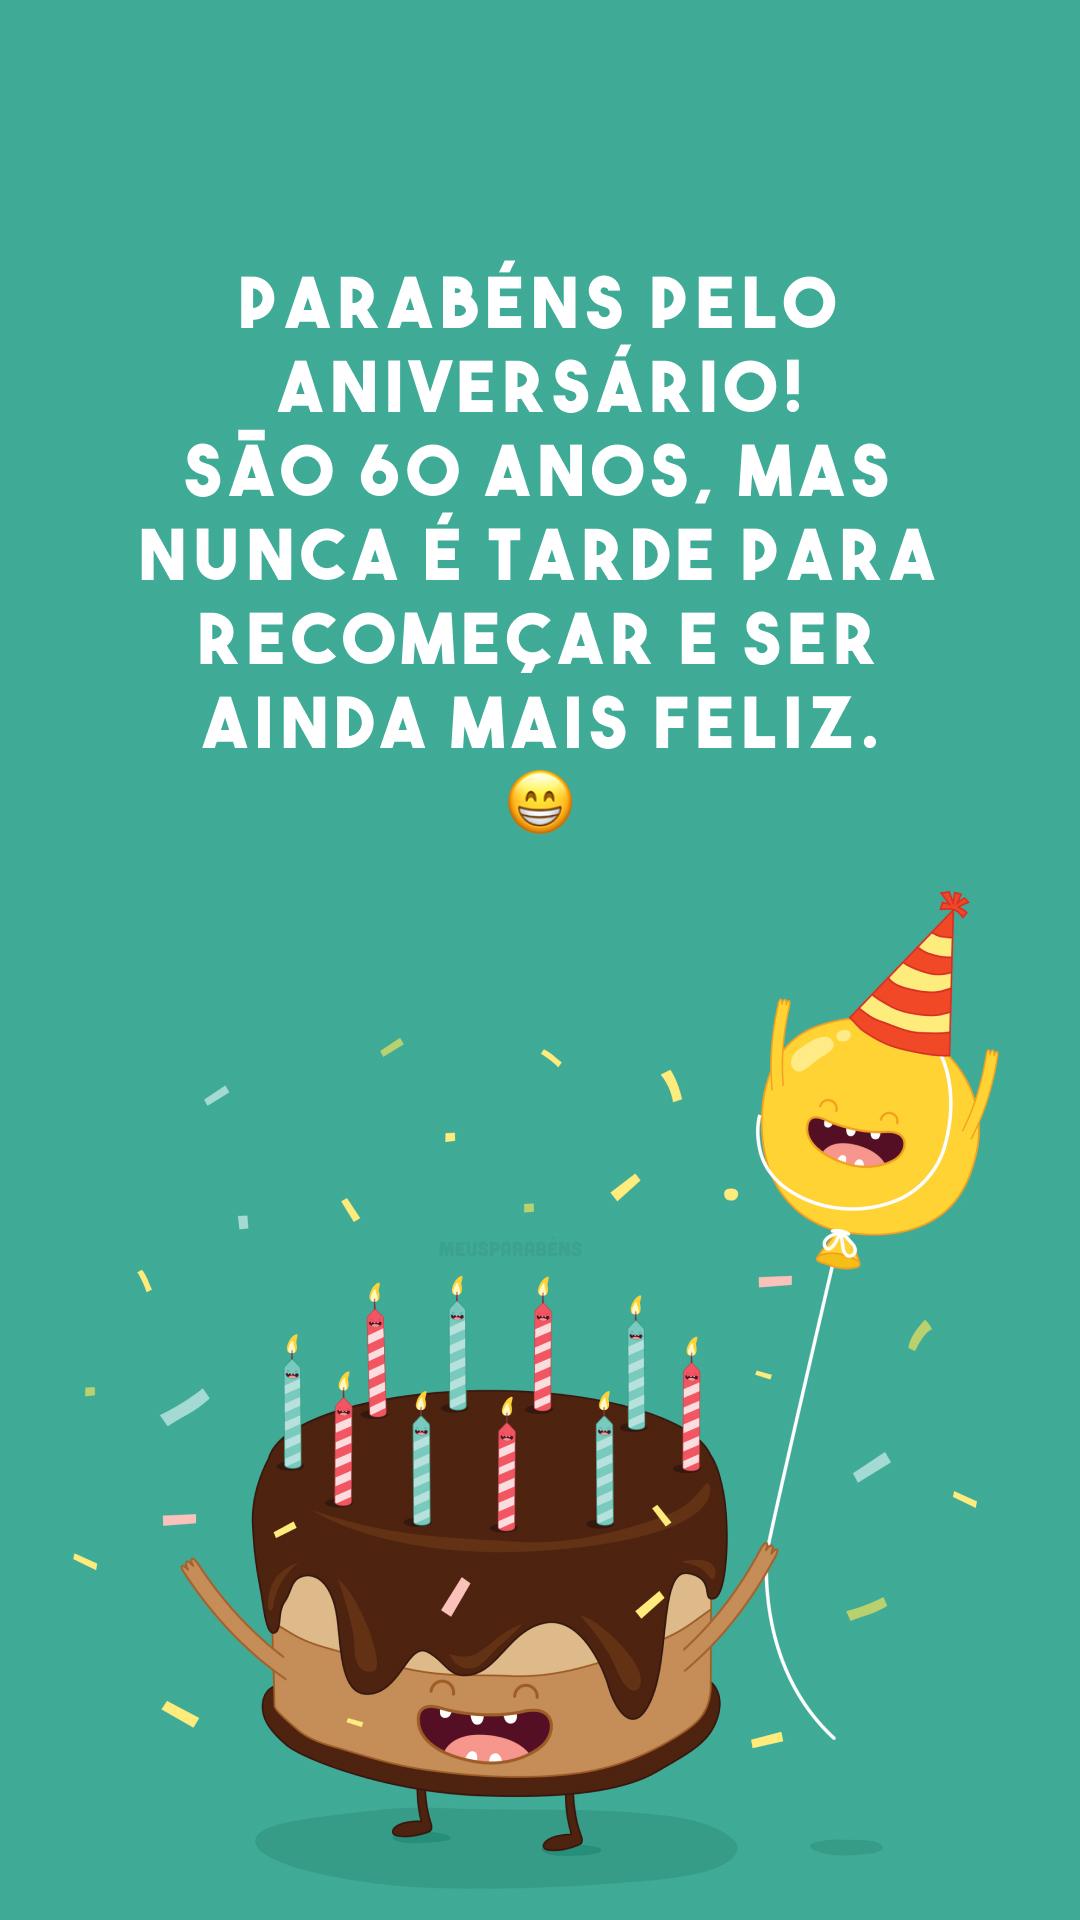 Parabéns pelo aniversário! São 60 anos, mas nunca é tarde para recomeçar e ser ainda mais feliz. 😁